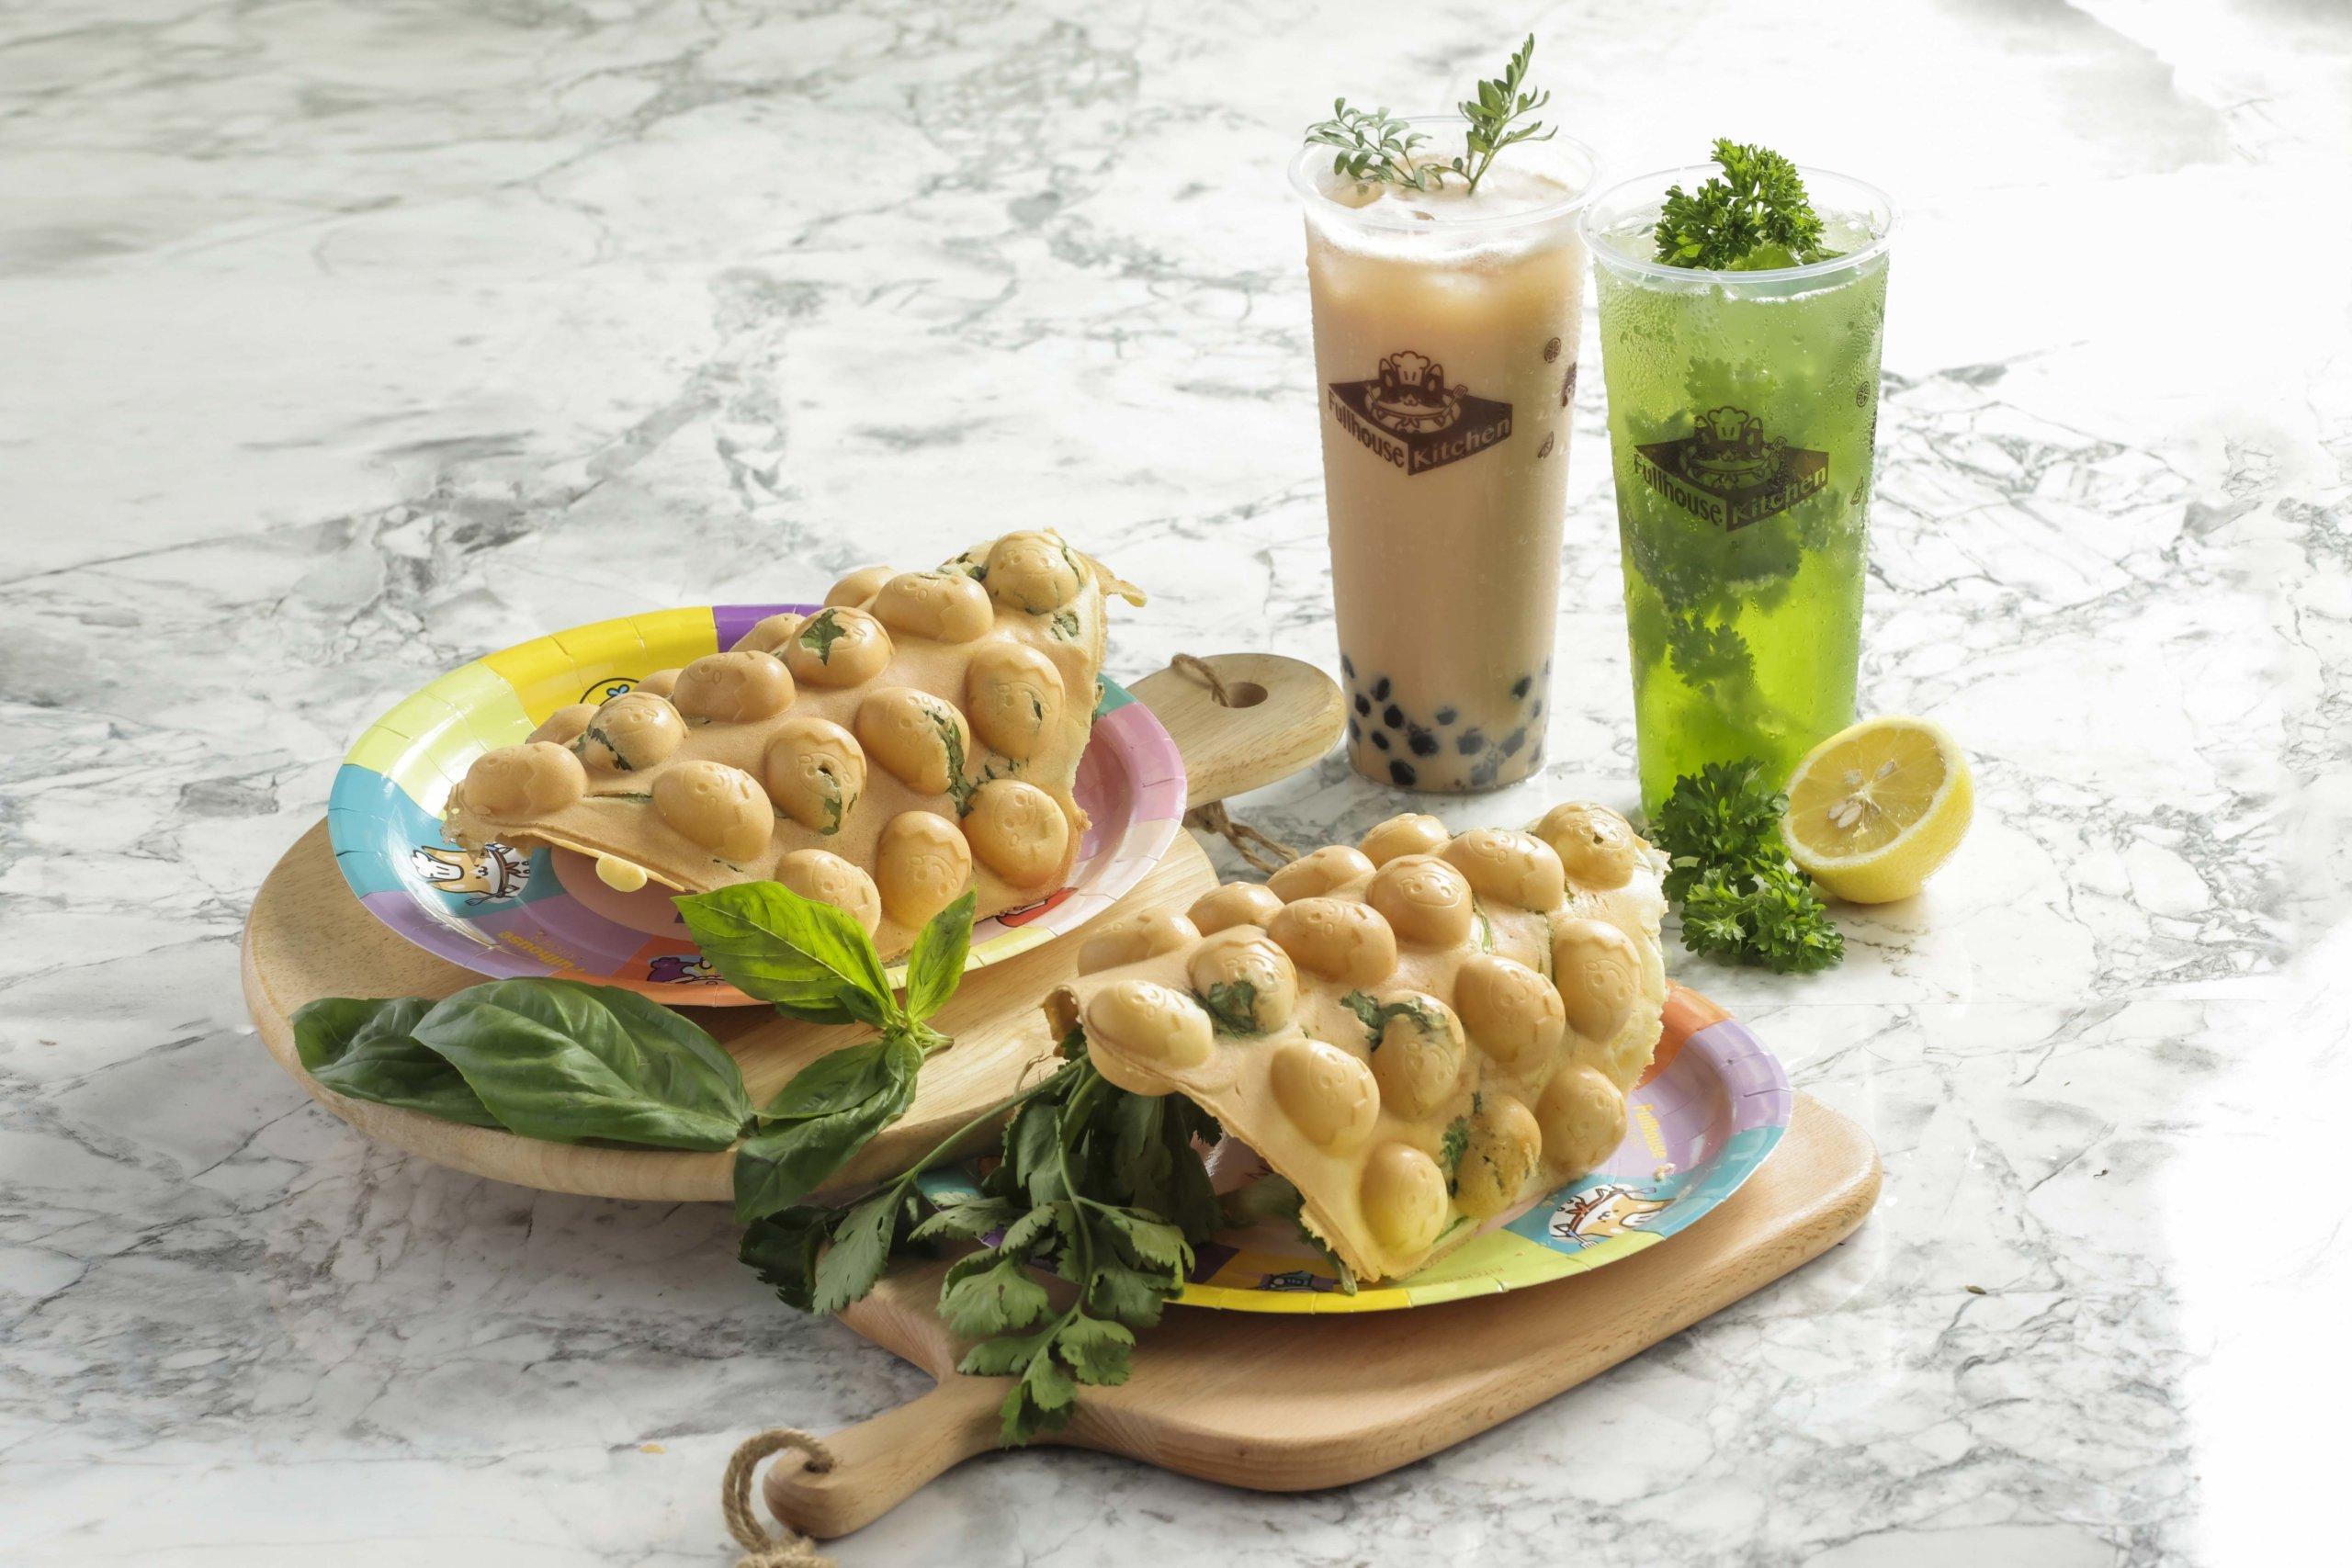 「滿紛廚房」在活動期間,將會免費派發香草特製飲品及小食。